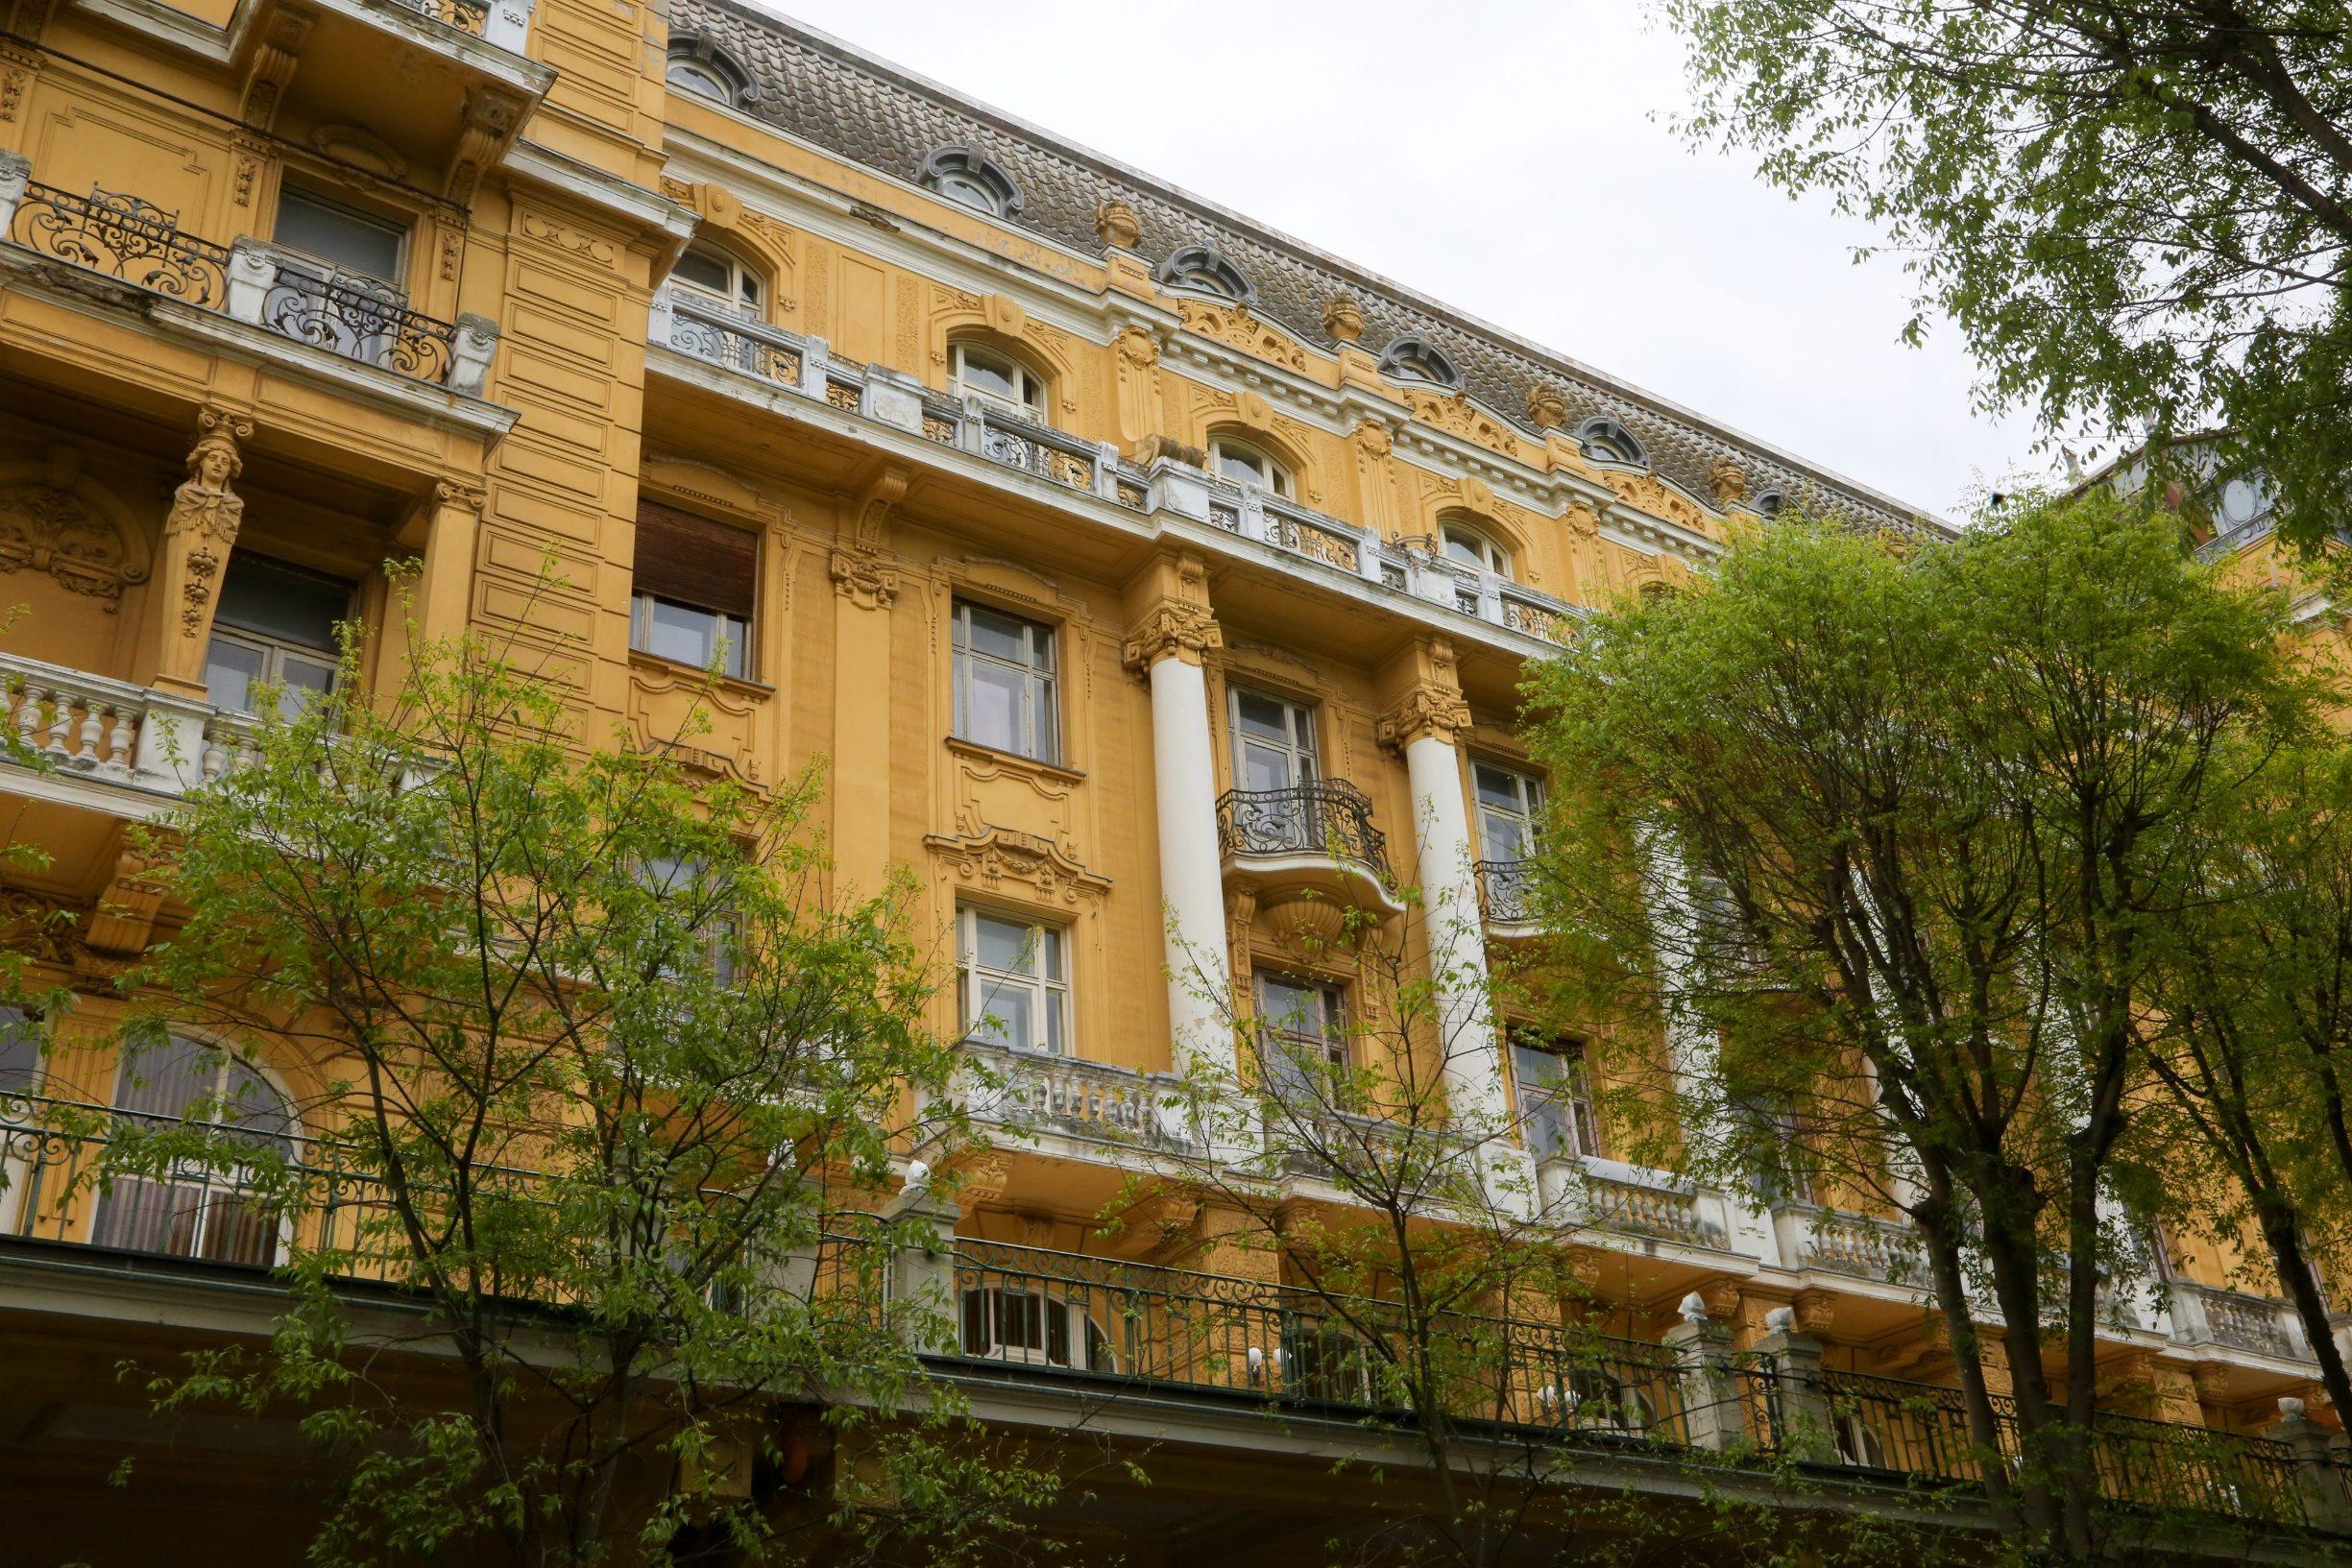 Pula, 200420.   Hotelsko-turisticko poduzece Arena Hospitality Group  kupiti ce hotel Rivieru. Vlada je na proslotjednoj sjednici donijela odluku o prodaji zgrade iz austrougarskog doba po cijeni  36 i pol milijuna kuna. Time je rijeseno i dugogodisnje pitanje vlasnistva nekadasnjeg raskosnog, a sada derutnog zdanja na pulskoj rivi te je okoncan imovinsko-pravni spor izmedju drzave i pulske grupacije. Arena Hospitality Group ce ovaj hotel pretvoriti u prvi Art hotel na Jadranu. Foto: Goran Sebelic / CROPIX